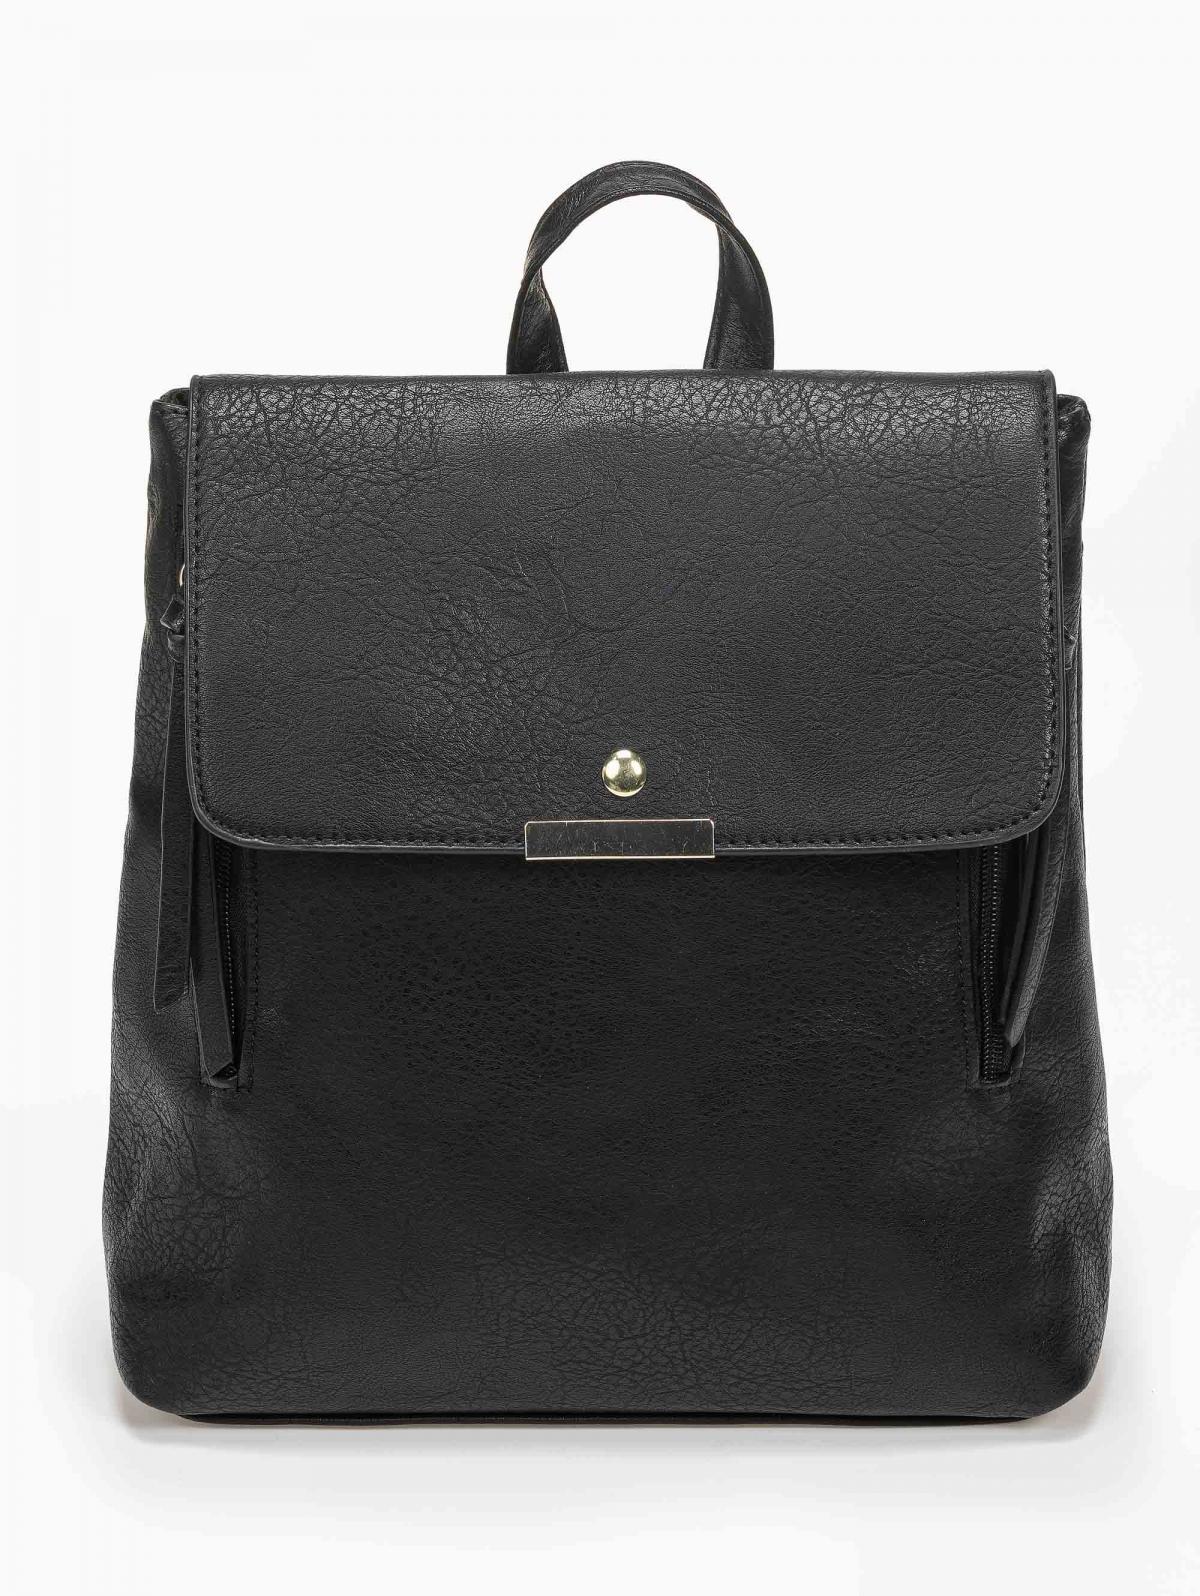 Τσάντα πλάτης με μεταλλική λεπτομέρεια - Μαύρο/Χρυσό